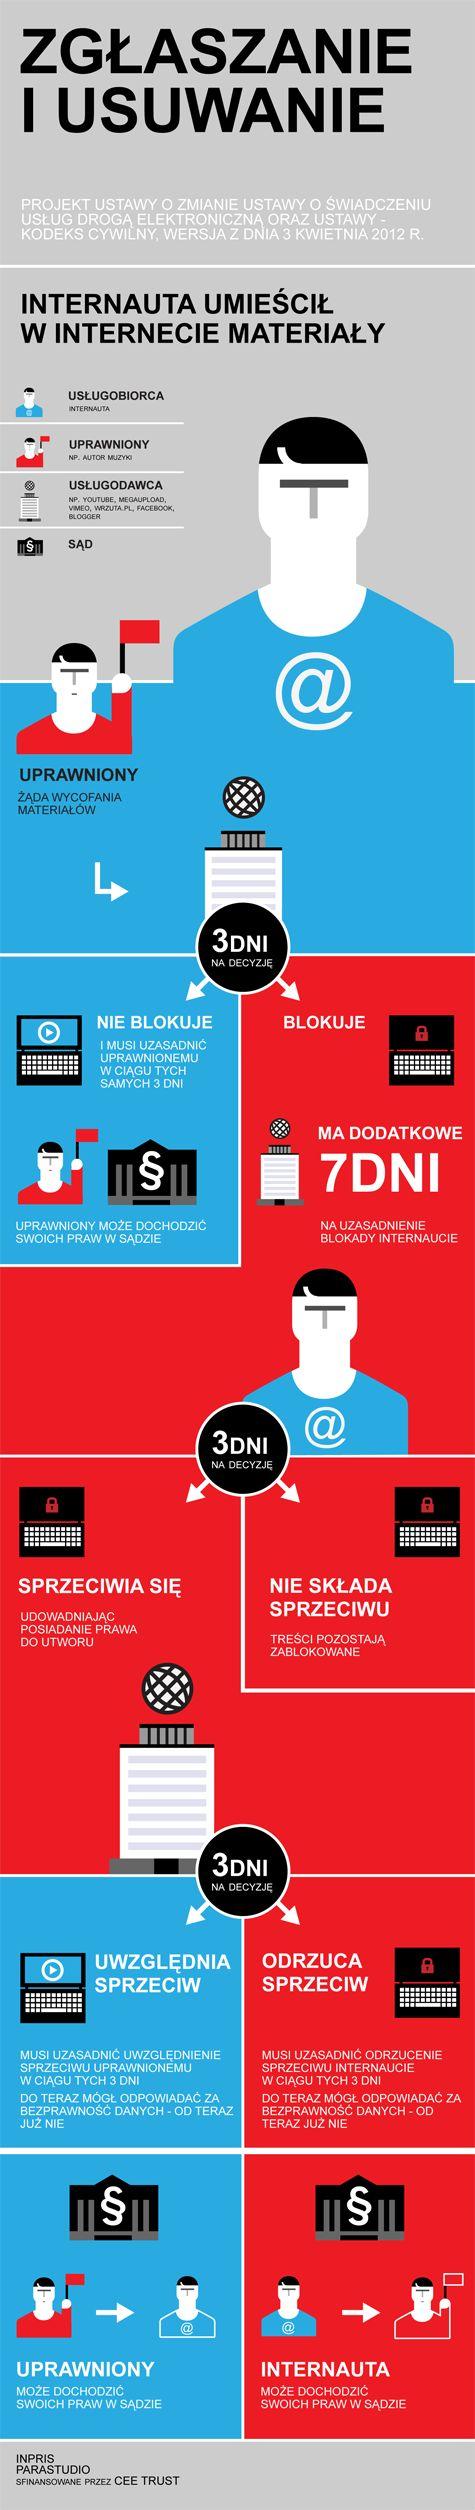 INPRIS Instytut Prawa i Społeczeństwa przygotował infografikę dotyczącą procedury zgłaszania i usuwania potencjalnie bezprawnych materiałów z Internetu (Wersja pierwsza, kwiecień 2012).